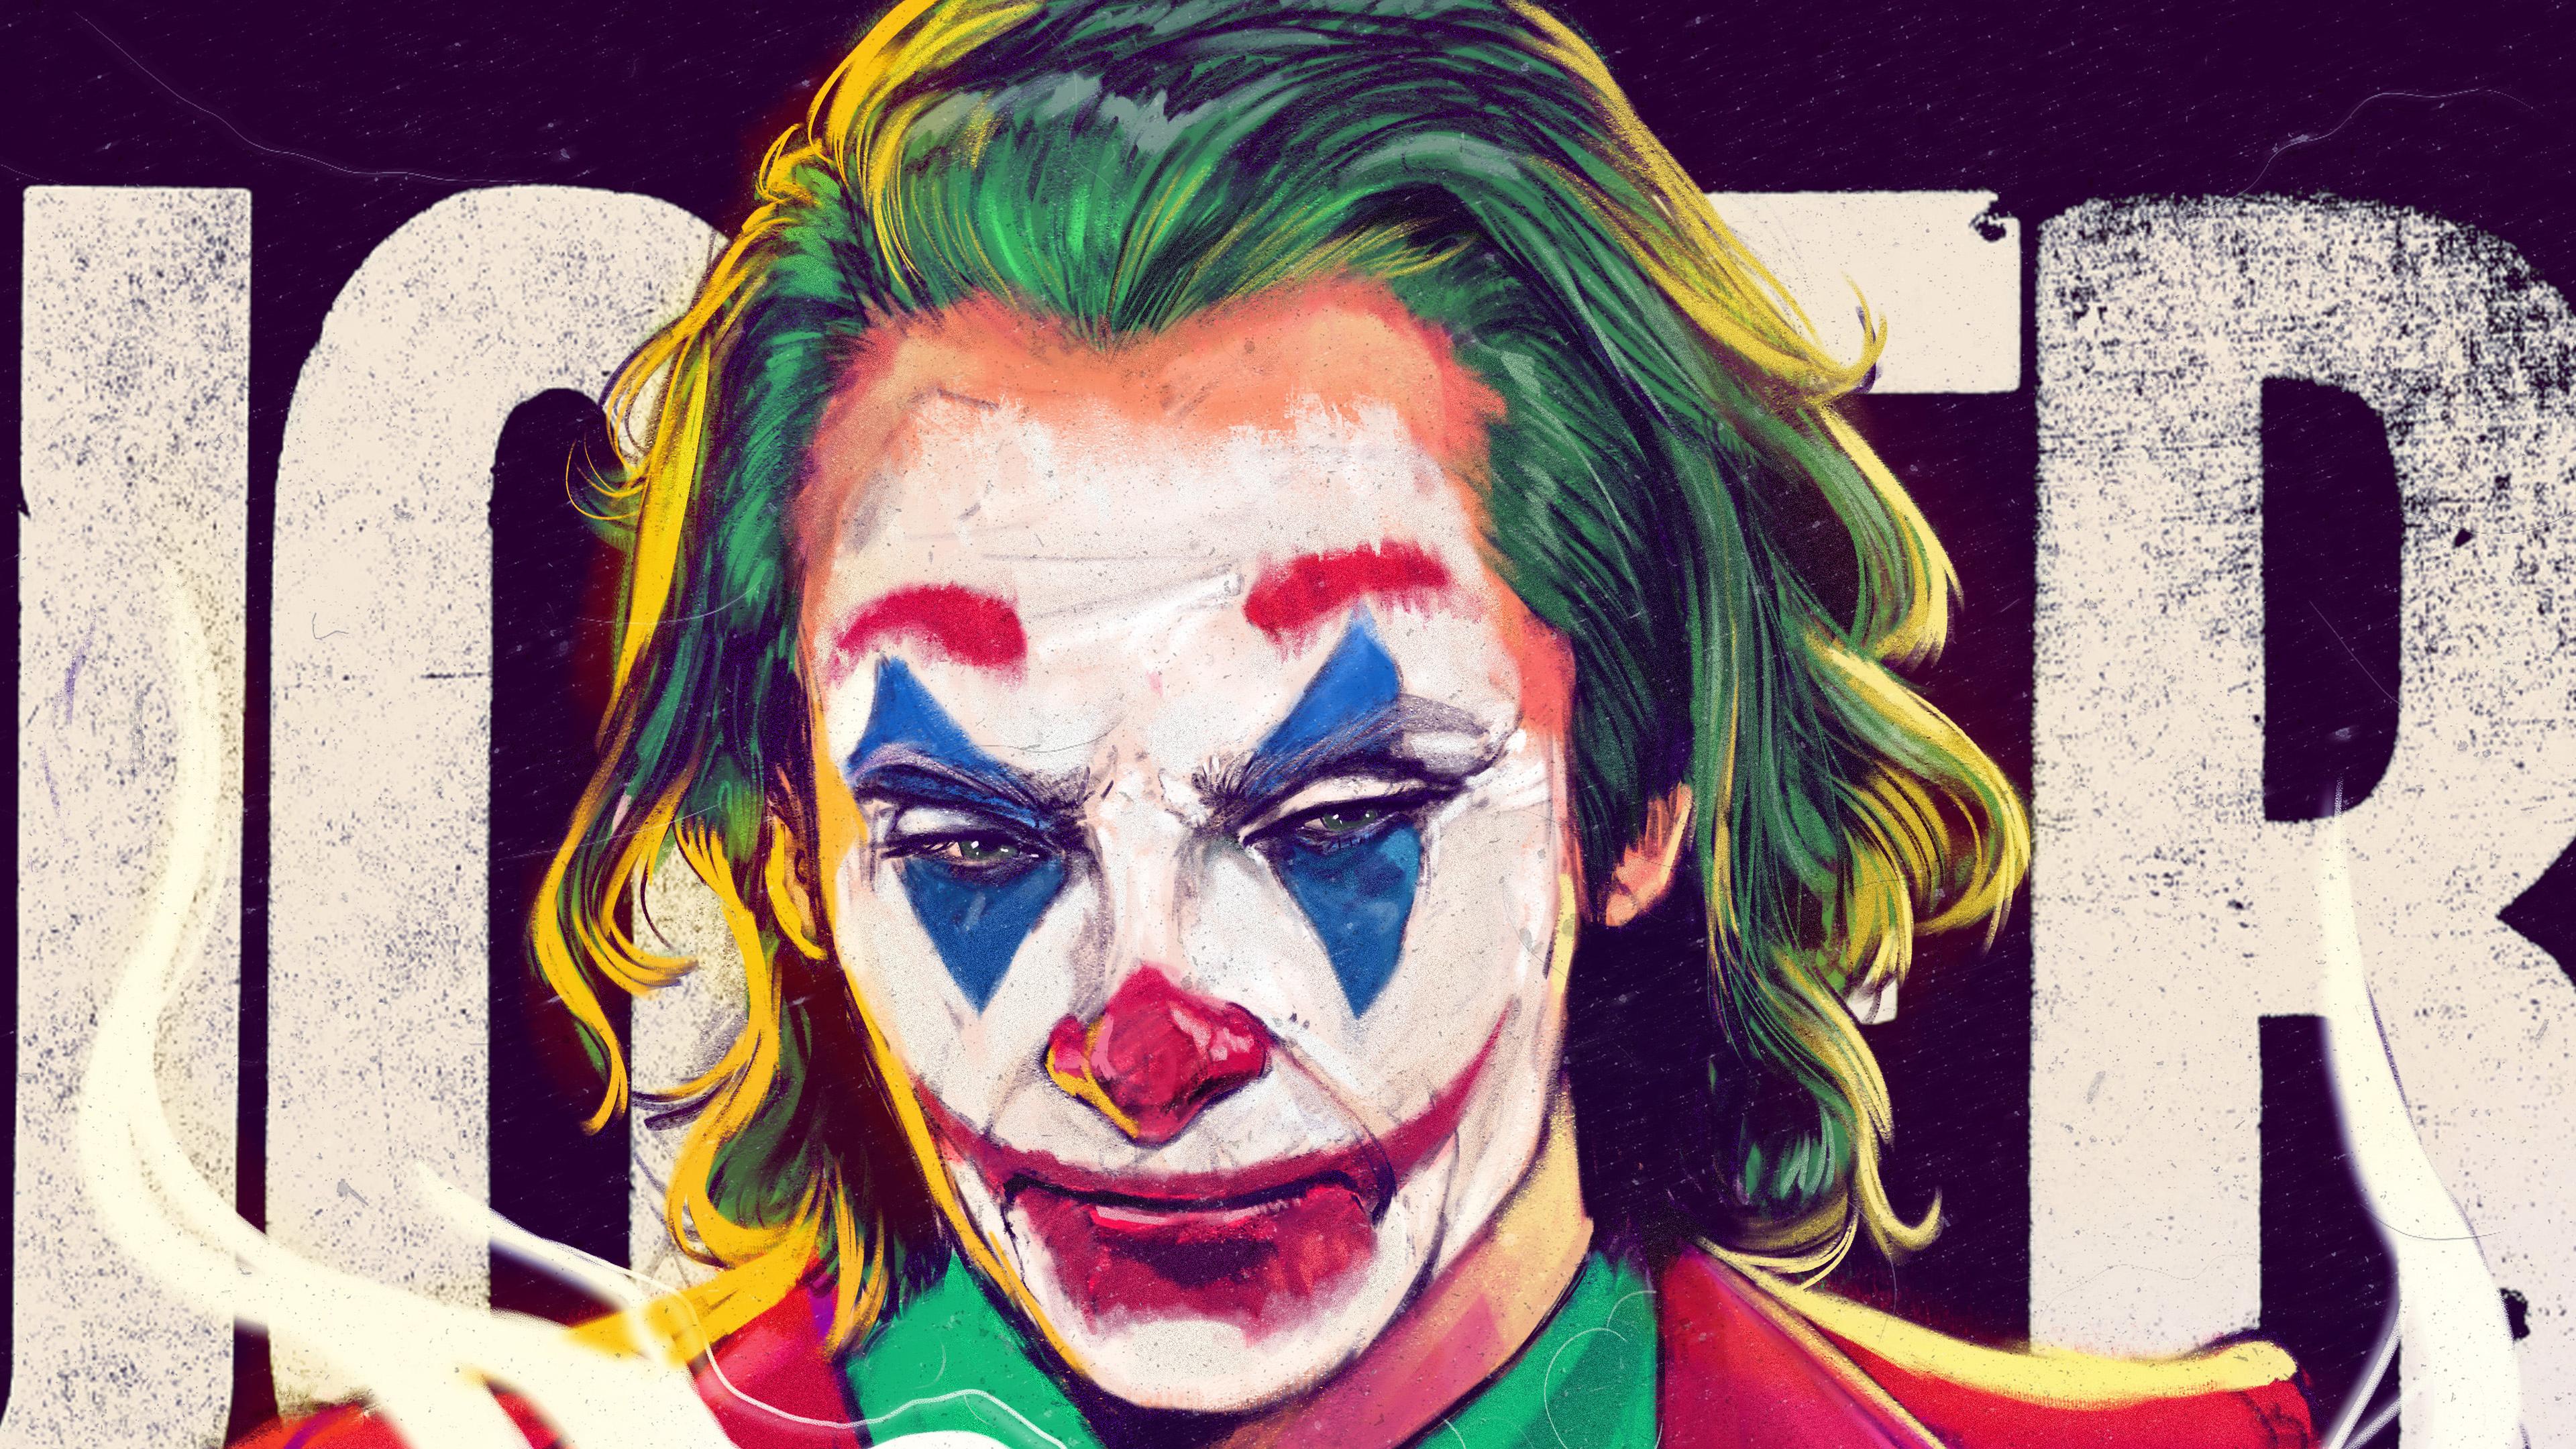 the joker joaquin phoenix 1569186751 - The Joker Joaquin Phoenix - supervillain wallpapers, superheroes wallpapers, joker wallpapers, joker movie wallpapers, hd-wallpapers, behance wallpapers, artwork wallpapers, 4k-wallpapers